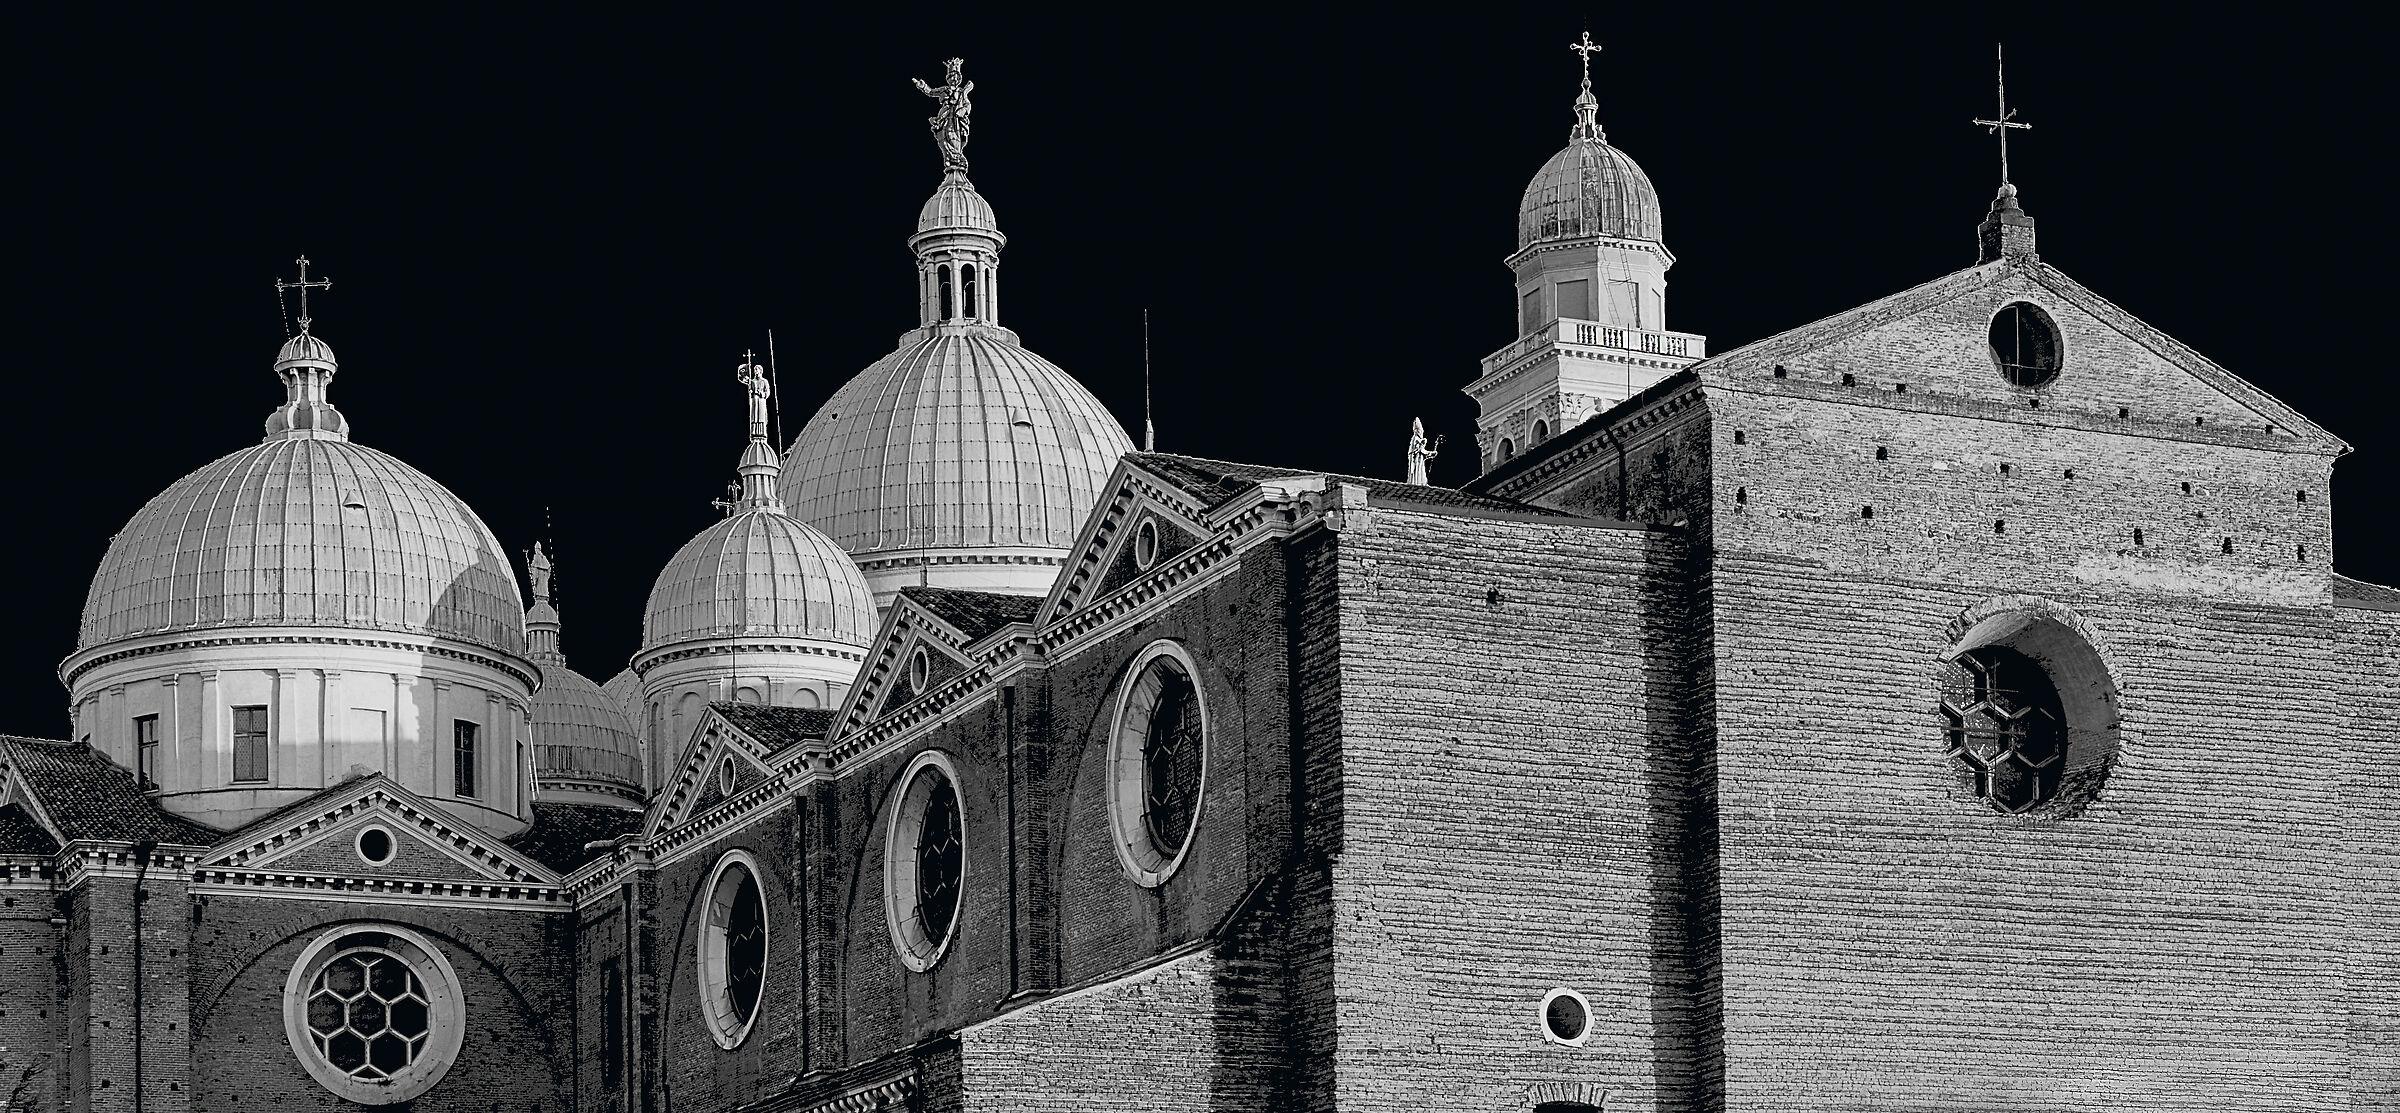 The dome of Santa Giustina in Padua...